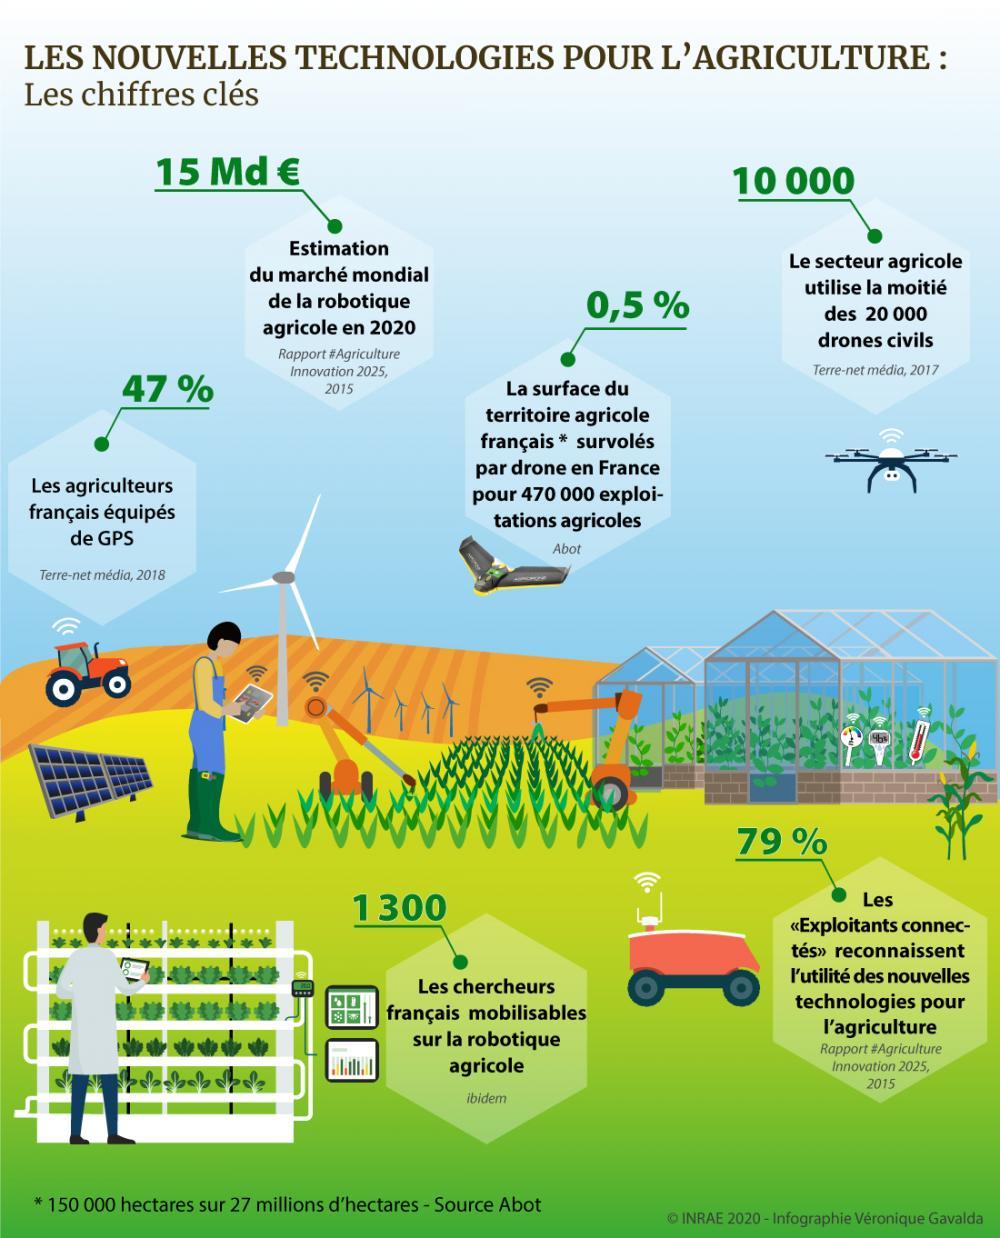 Chiffres clés : 47% des agriculteurs français déclarent être équipés de GPS sur leur exploitation. 79 % des « exploitants connectés » reconnaissent l'utilité des nouvelles technologies pour l'agriculture. Environ la moitié des 20 000 drones civils en circulation en France sont utilisé pour le besoin agricole. Le nombre d'hectares survolés par drone en France est passé de 3 000 à 150 000 hectares en 4 ans. Le marché mondial de la robotique agricole à l'horizon 2020 est estimé à environ 15 milliards d'euros.